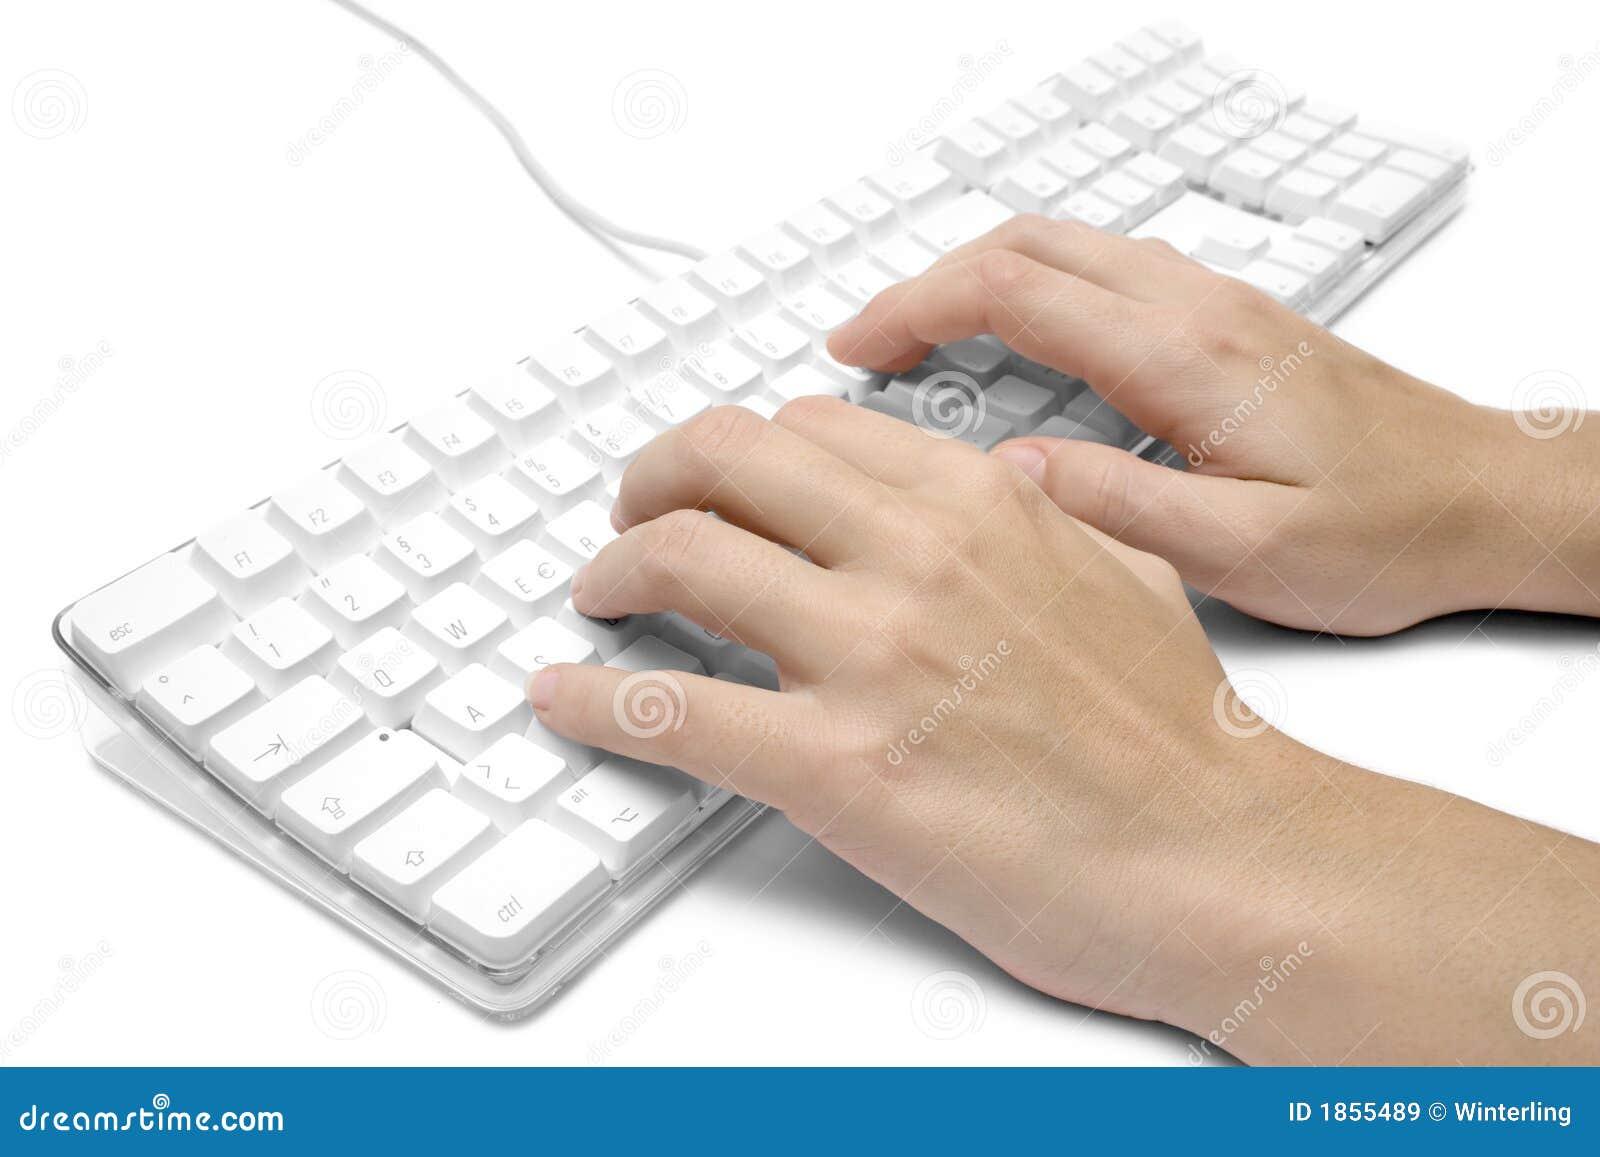 Schreiben auf eine weiße Computer-Tastatur